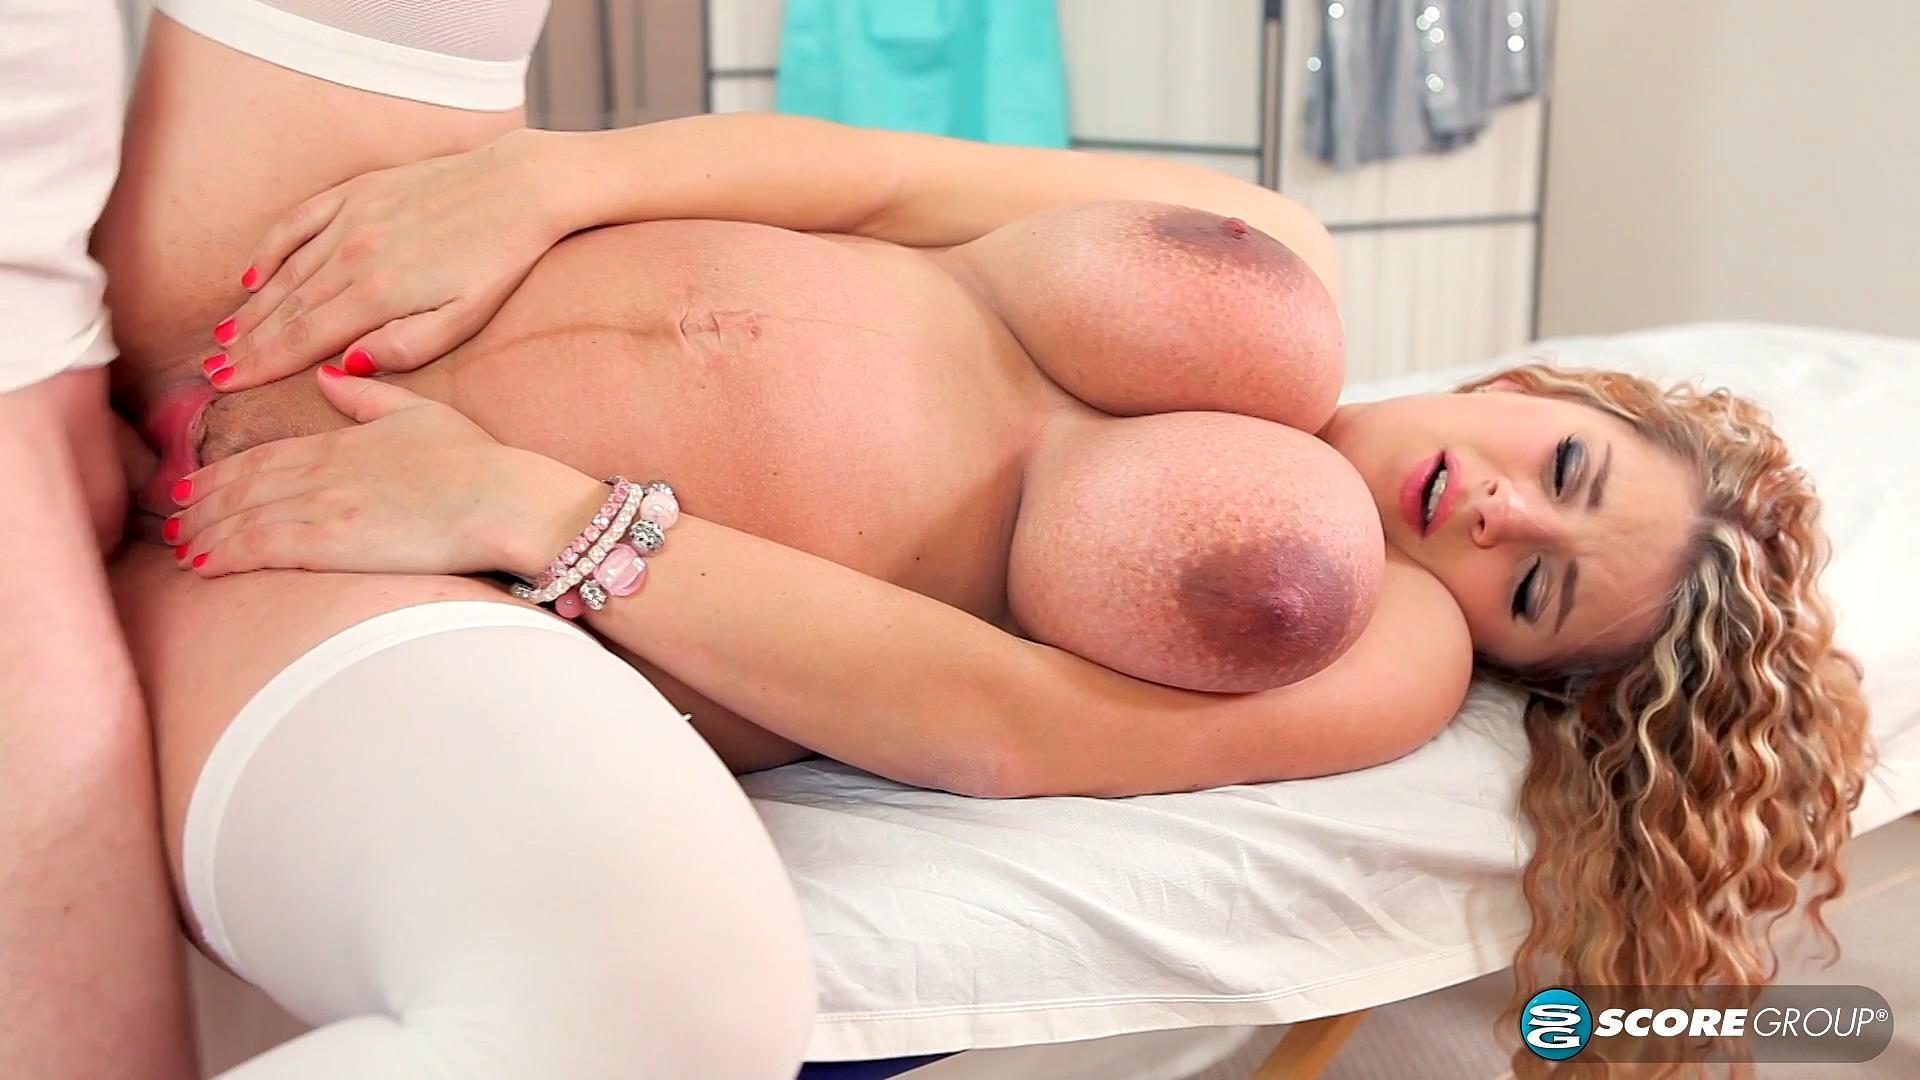 Смотреть онлайн кончают в беременную, Порно видео беременная смотреть онлайн бесплатно 11 фотография